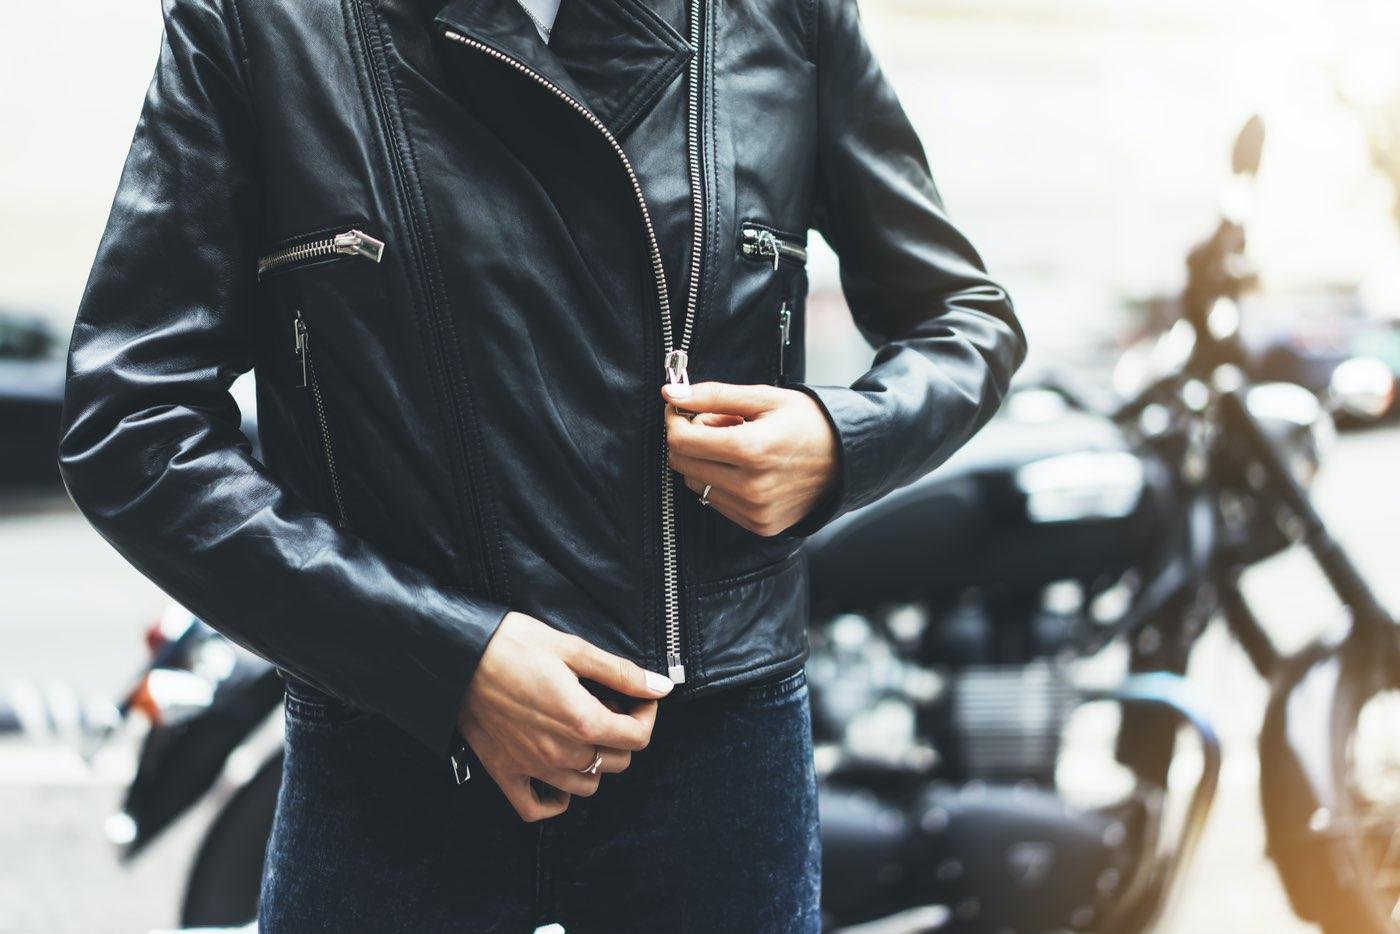 Guía de compra para elegir la chaqueta de moto perfecta, por Navarro Hermanos